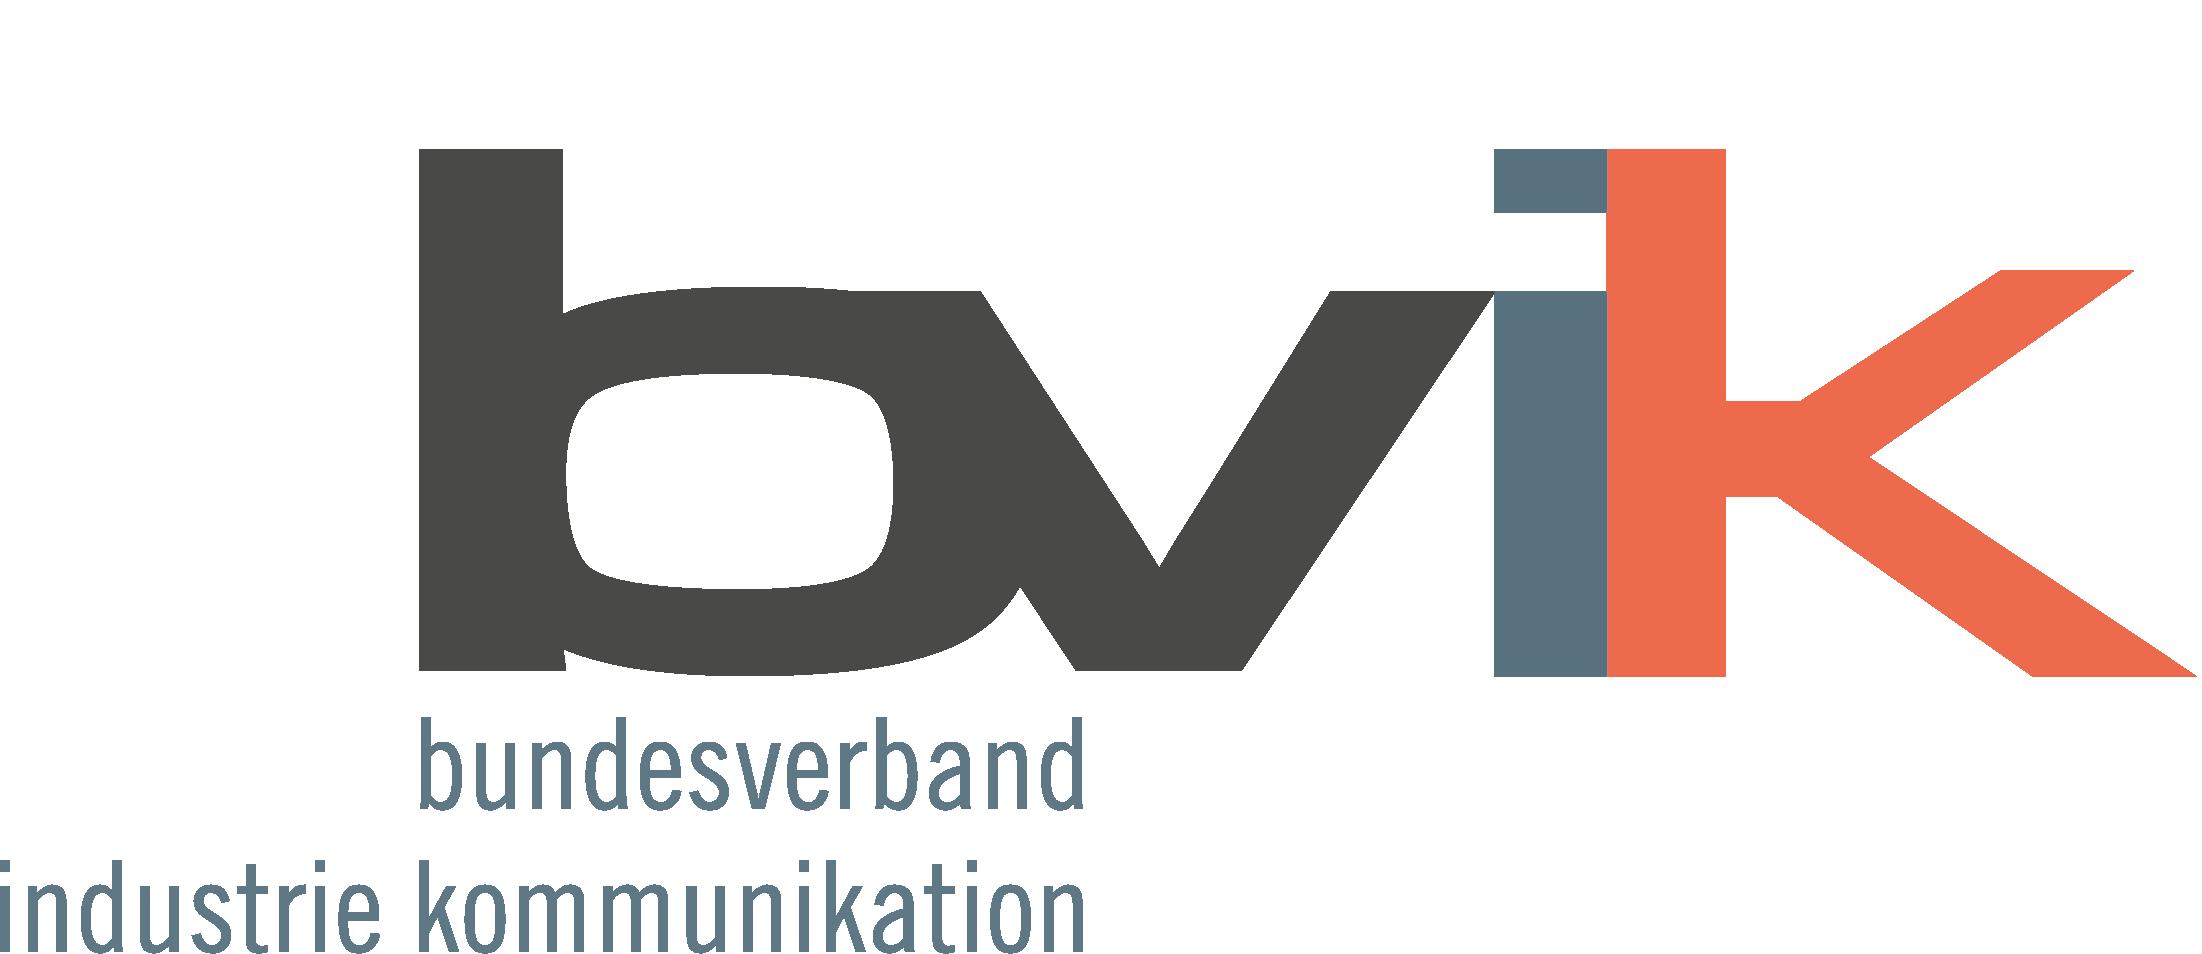 Bundesverband Industrie Kommunikation e.V. (bvik) Logo